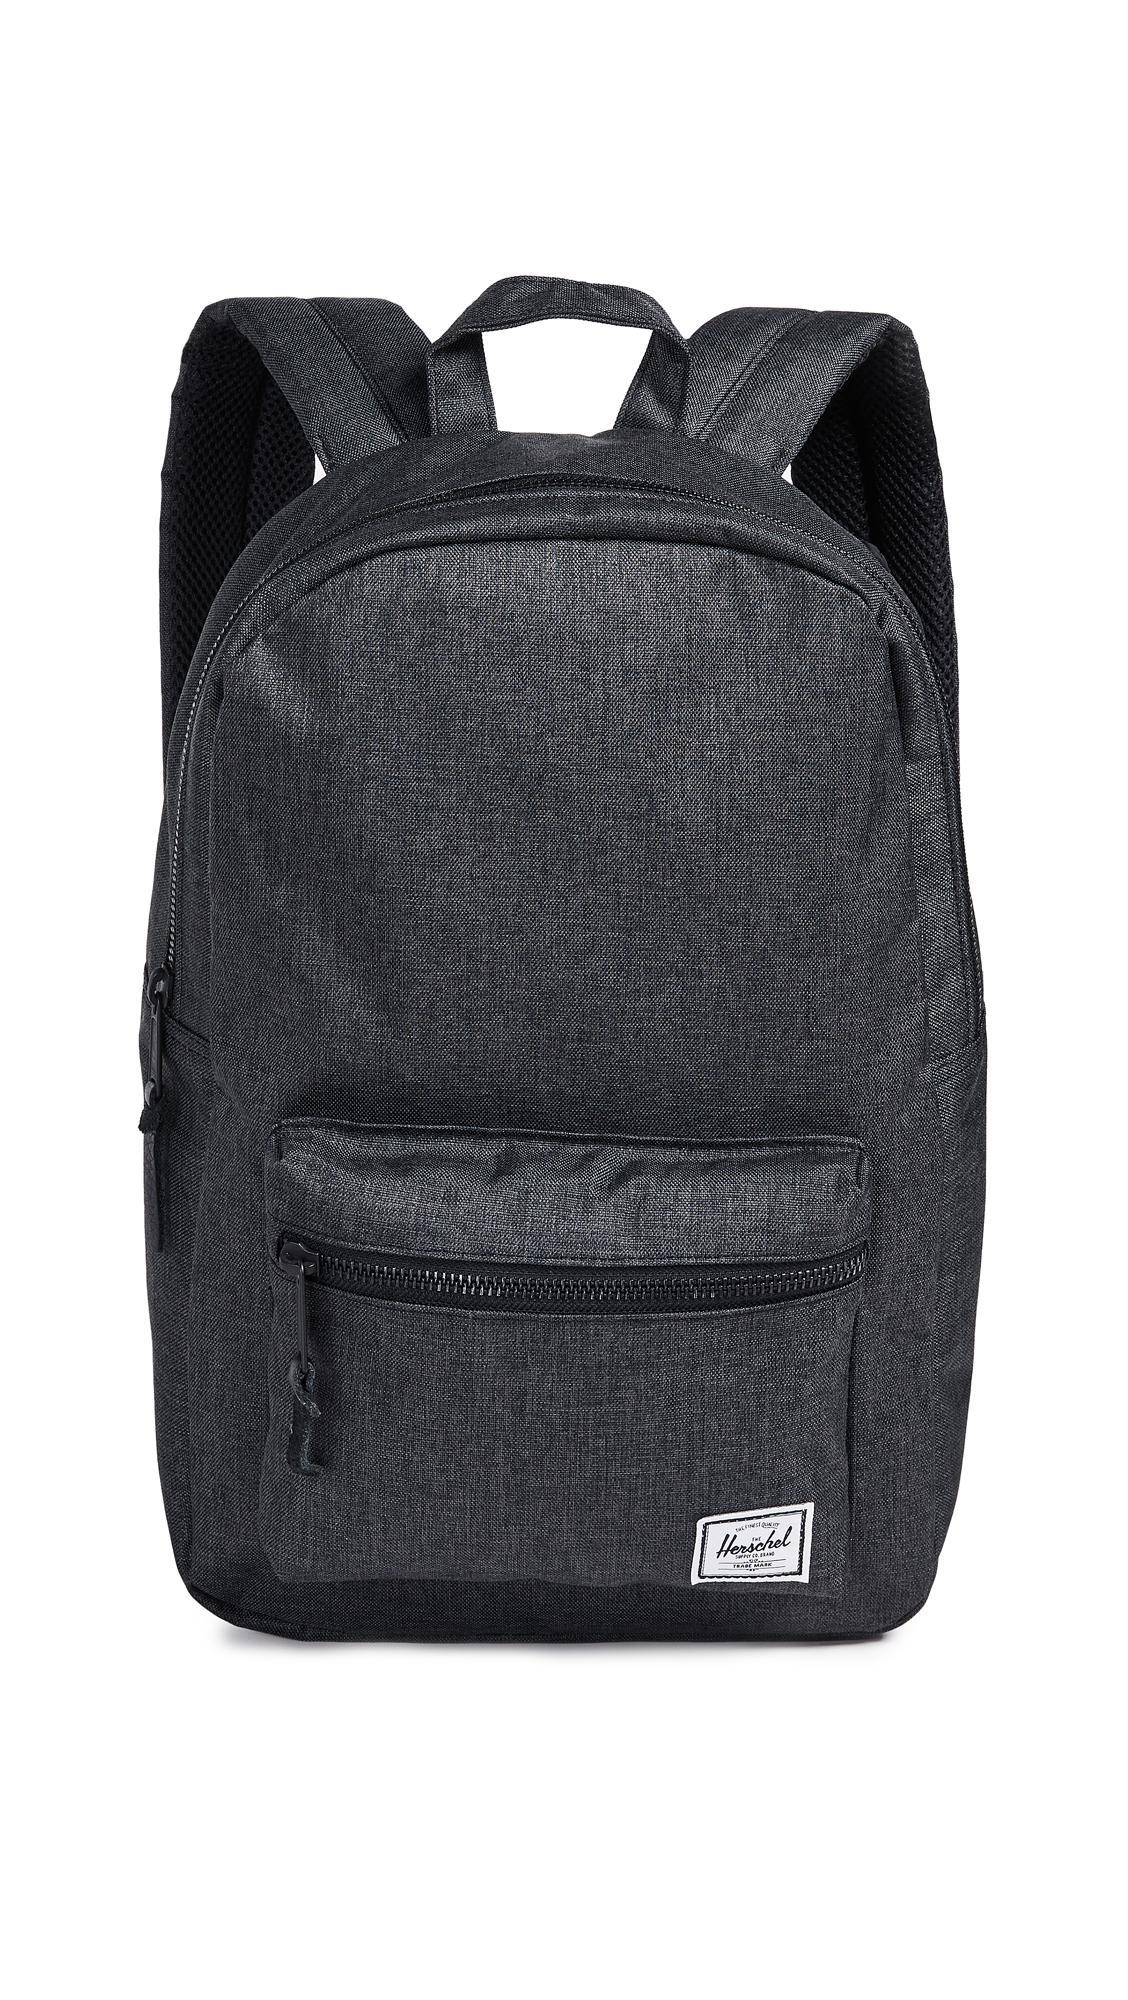 5b8e9e949e Herschel Supply Co. Settlement Mid Volume Backpack In Black Crosshatch